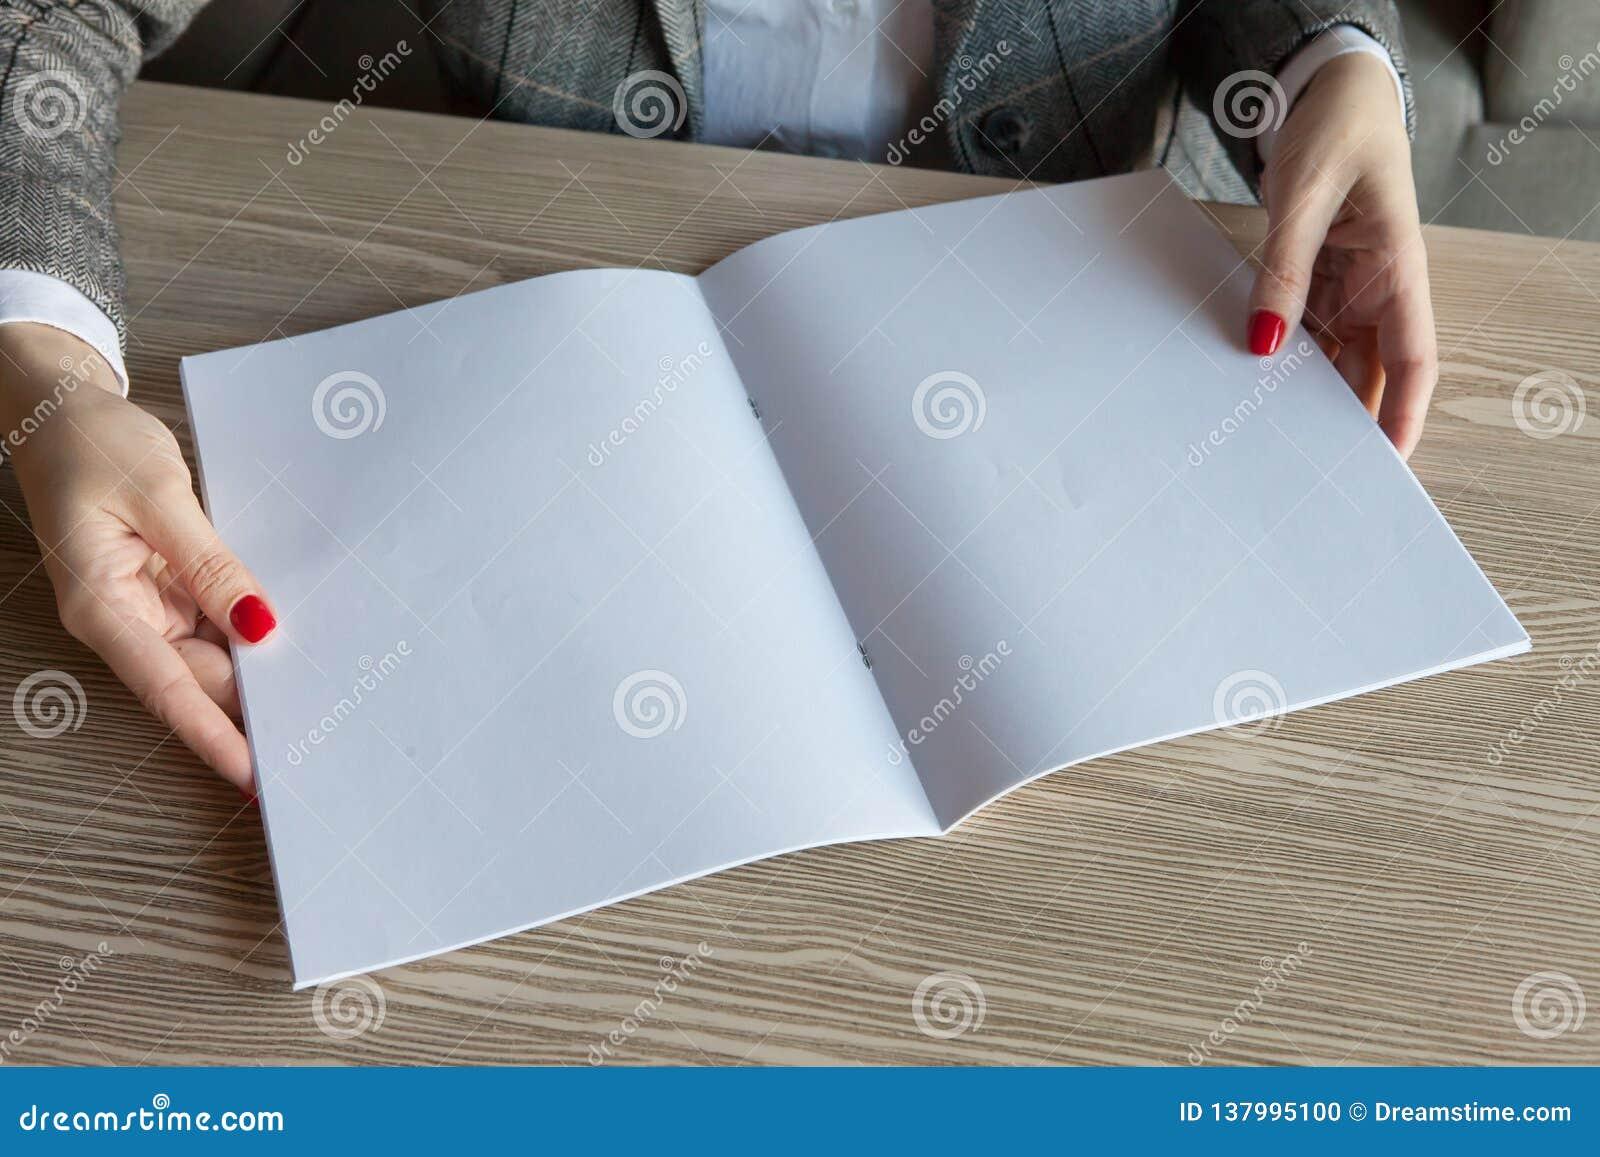 Девушка держит в руке модель журнала формат A4